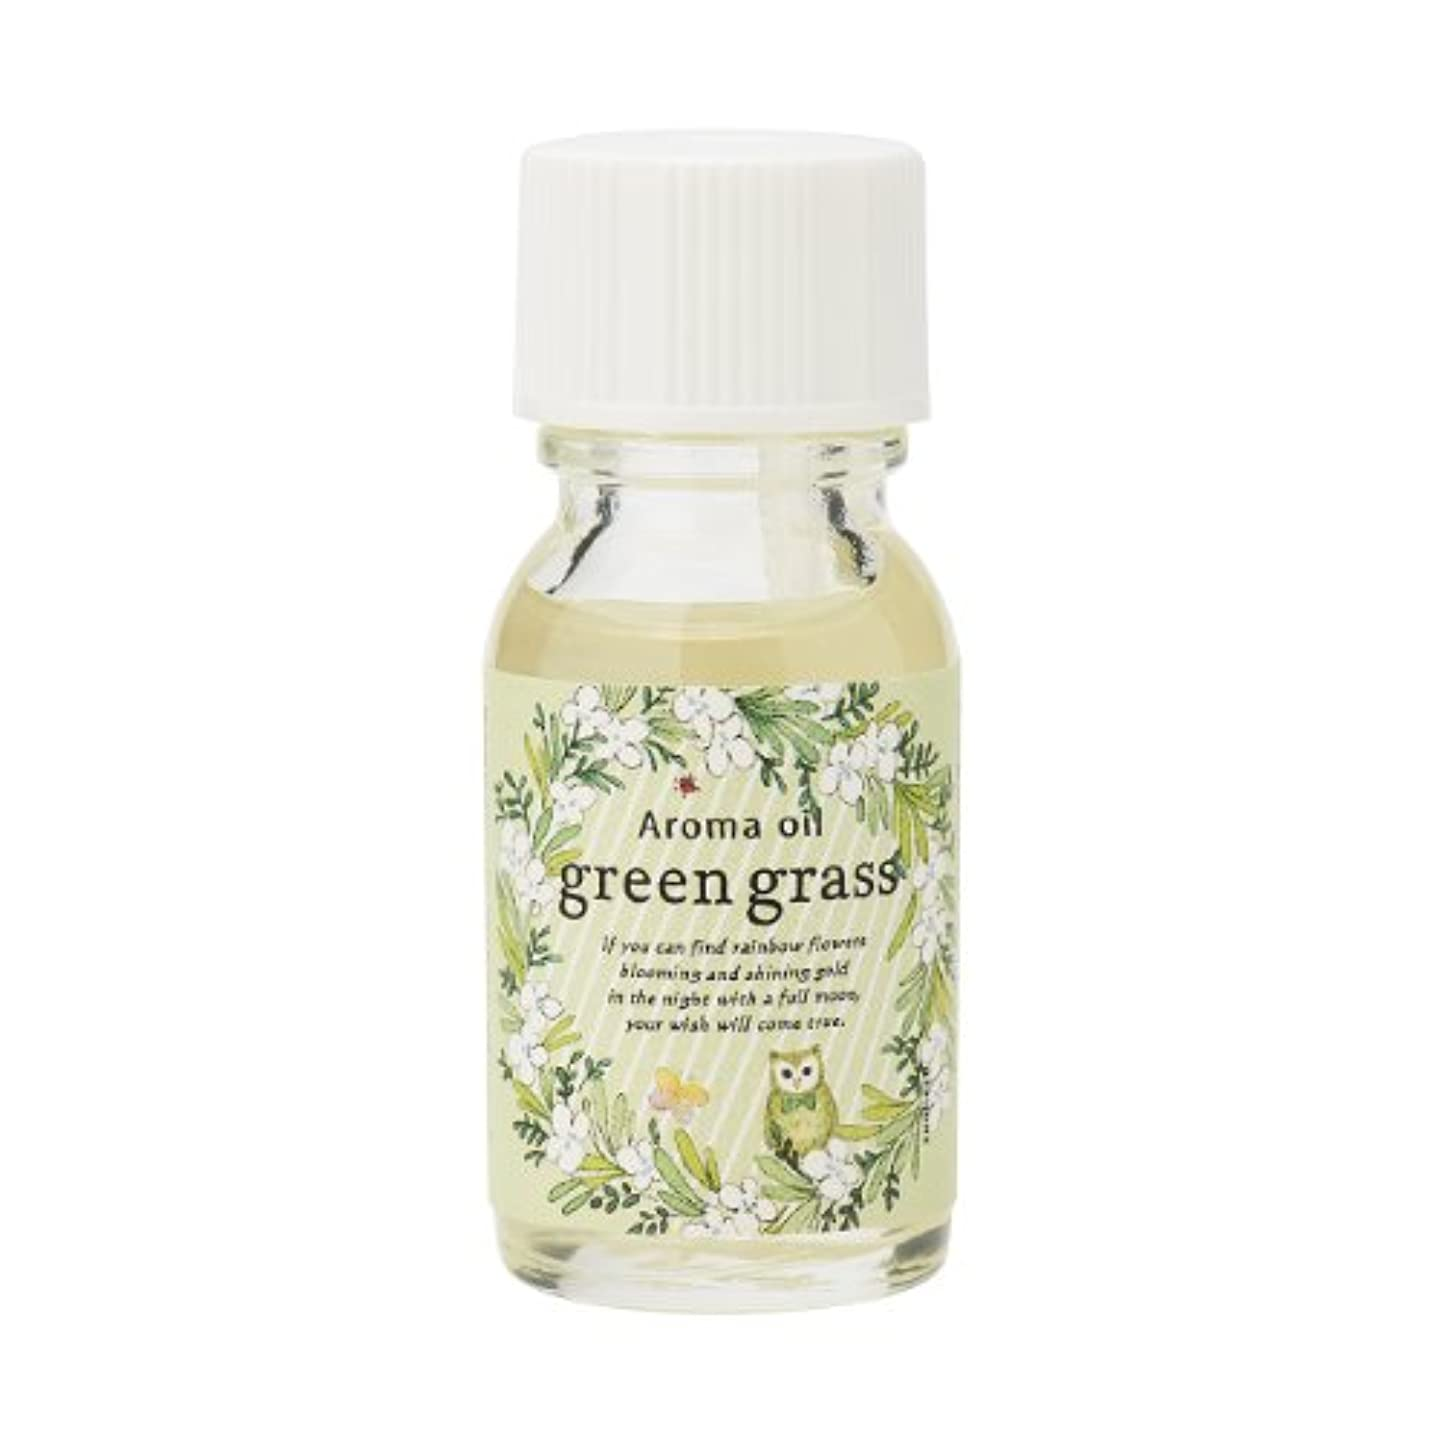 含める粘性のどれでもサンハーブ アロマオイル グリーングラス 13ml(爽やかでちょっと大人の香り)